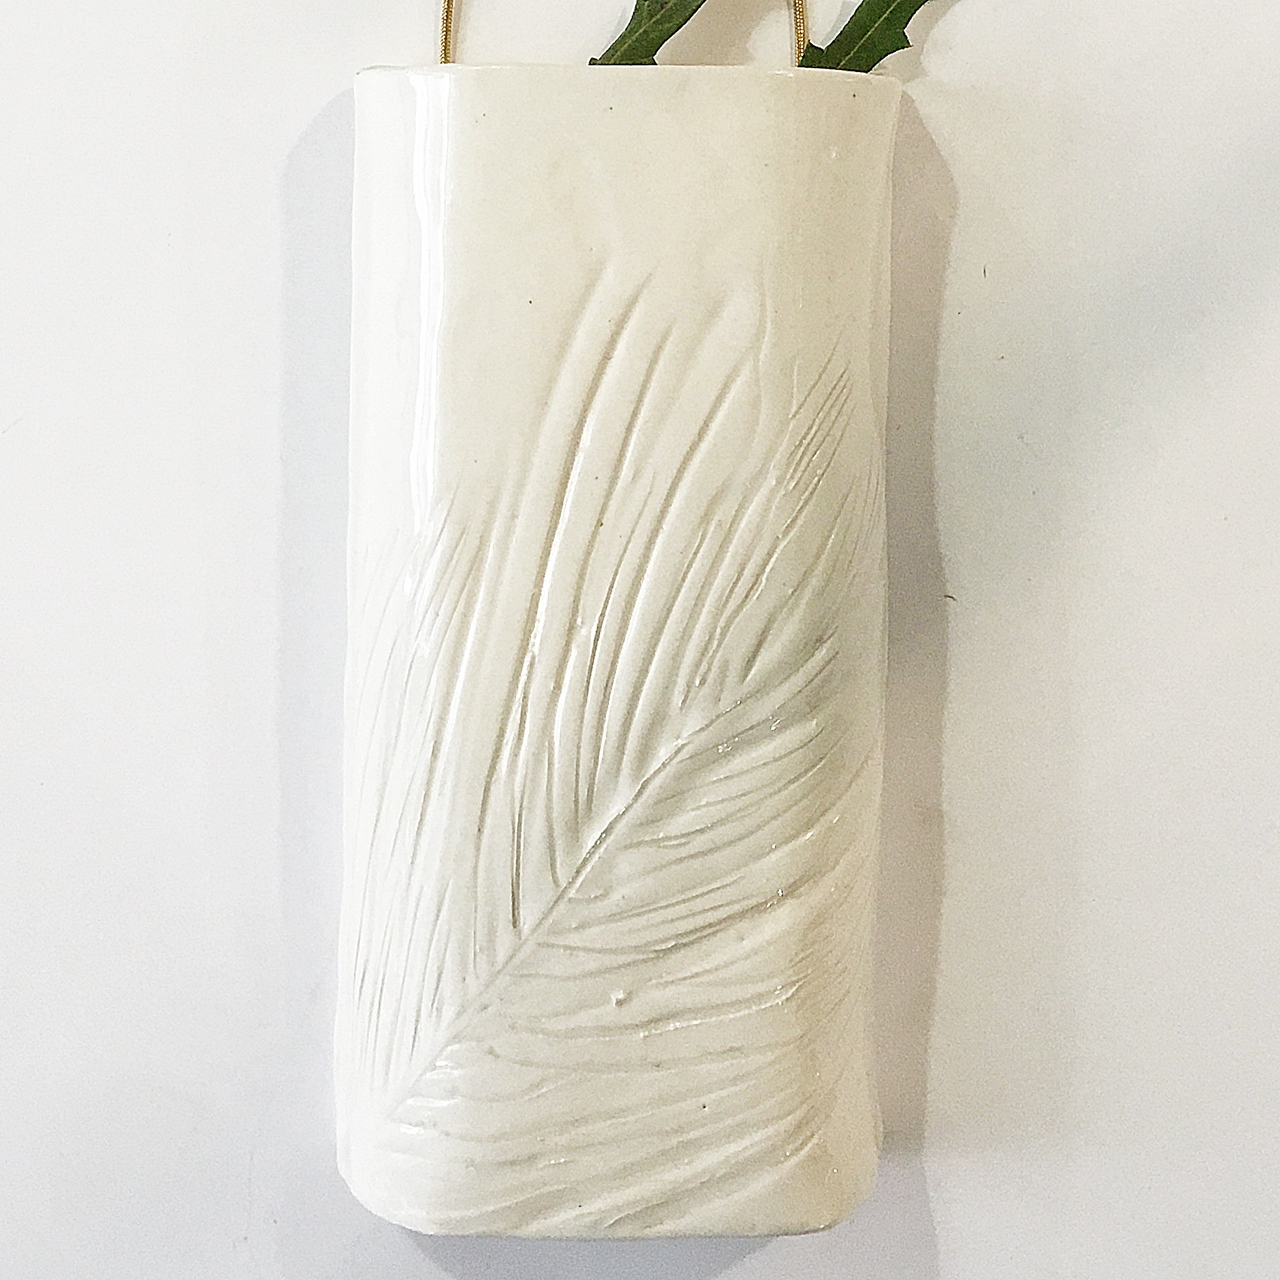 Wall vase II detail - Le Voilà